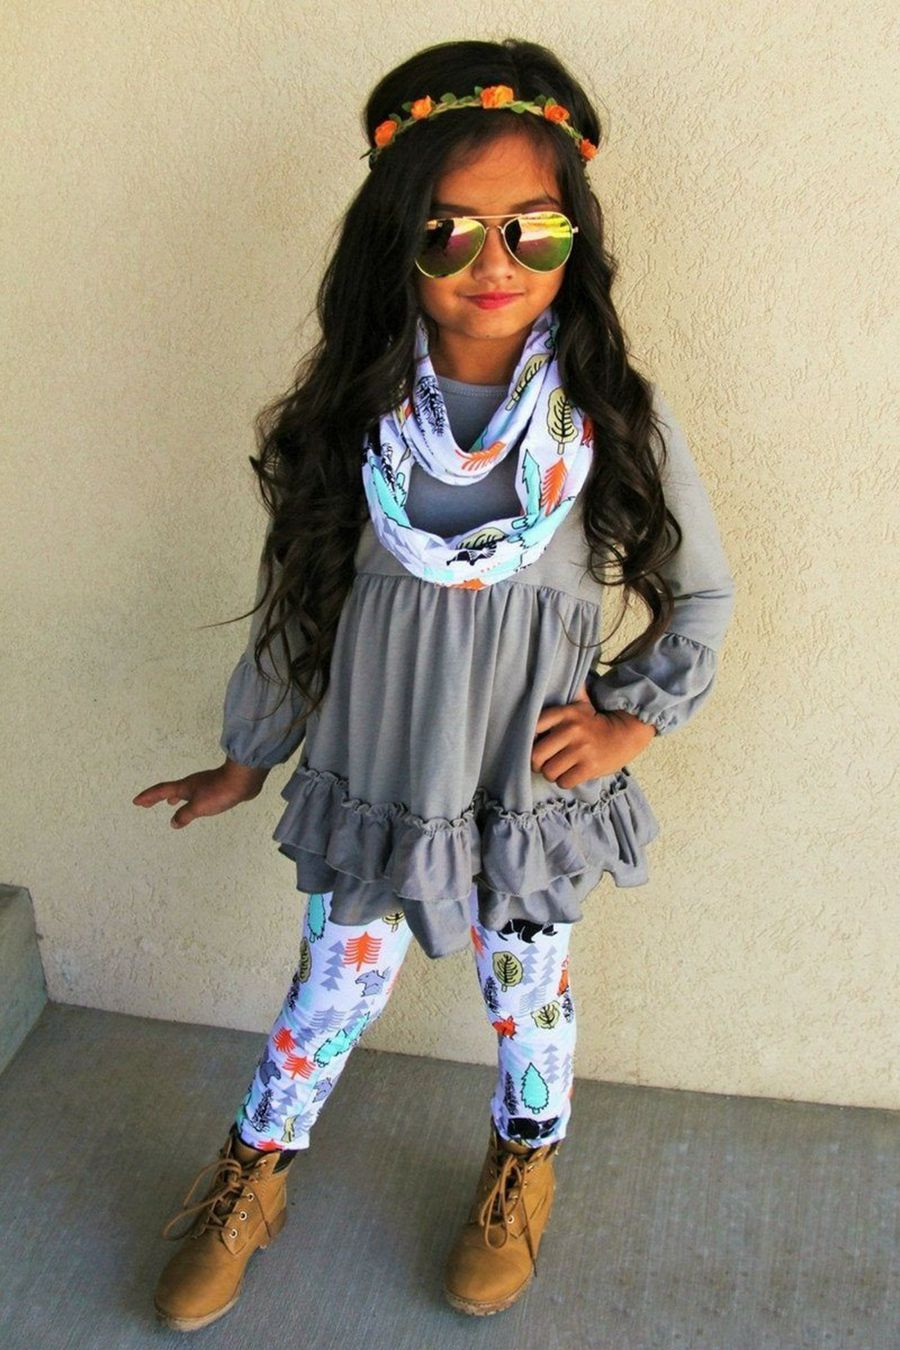 c556005d9c5ab AU Fashion Toddler Kid Girl Tunic Dress Top Floral Pants 3pcs Clothes Outfit  Set